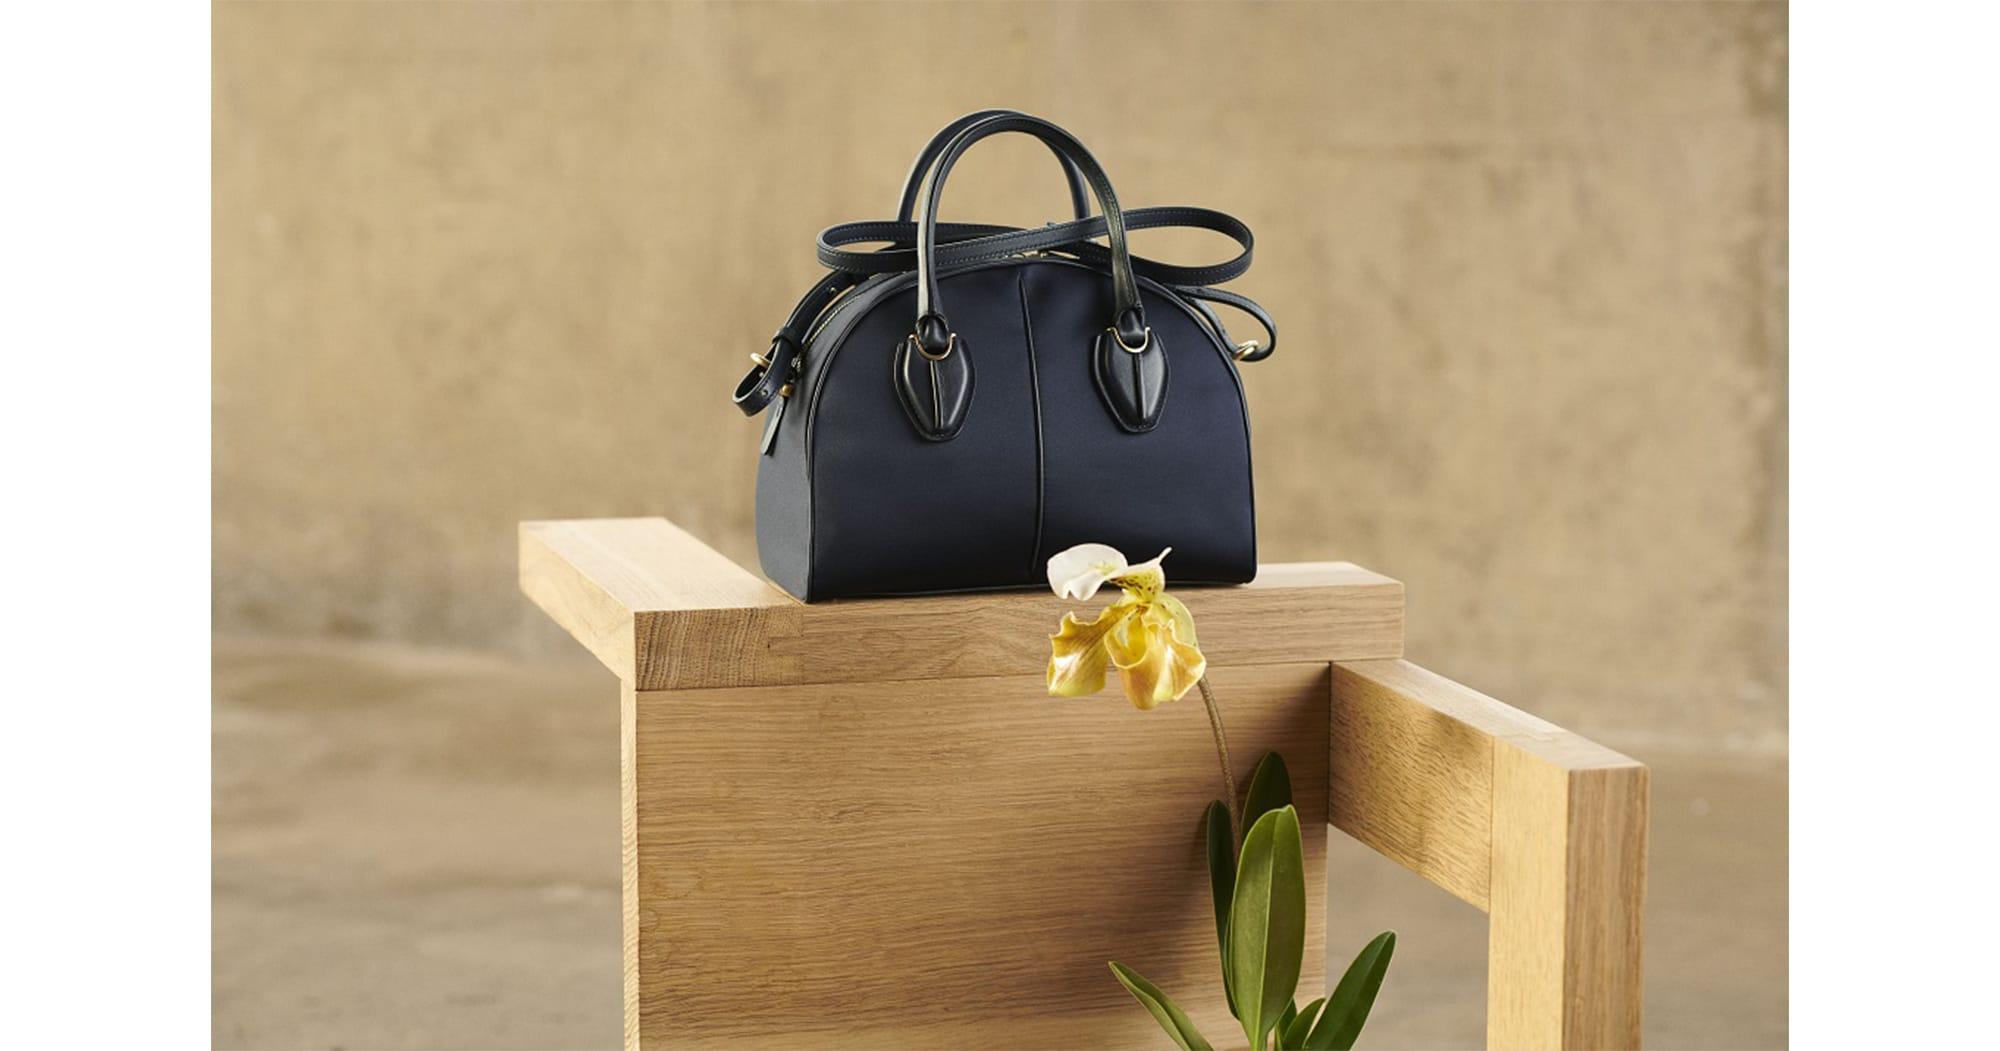 トッズのアイコン「D スタイリングバッグ」から着想を得たボストンバッグ(207,900円・税込)。活動的な女性のライフスタイルにマッチする機能的なデザインが魅力。